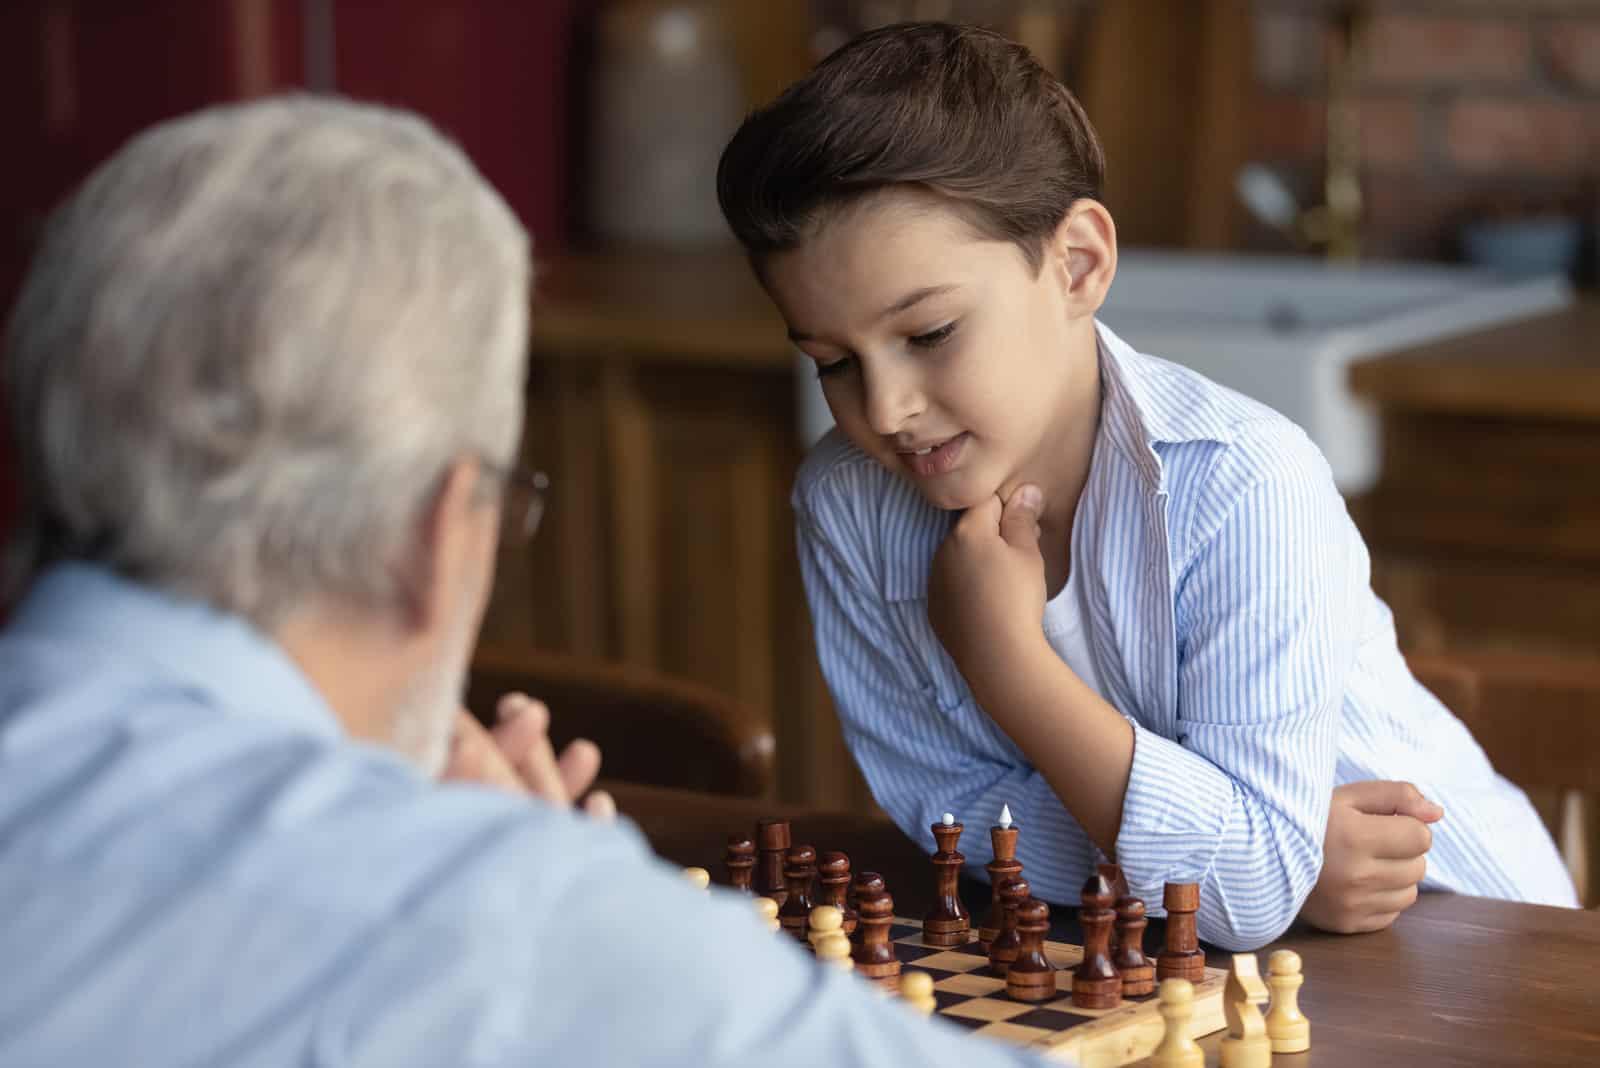 Junge Kind spielen Schach mit alten 60er grauhaarigen Großvater